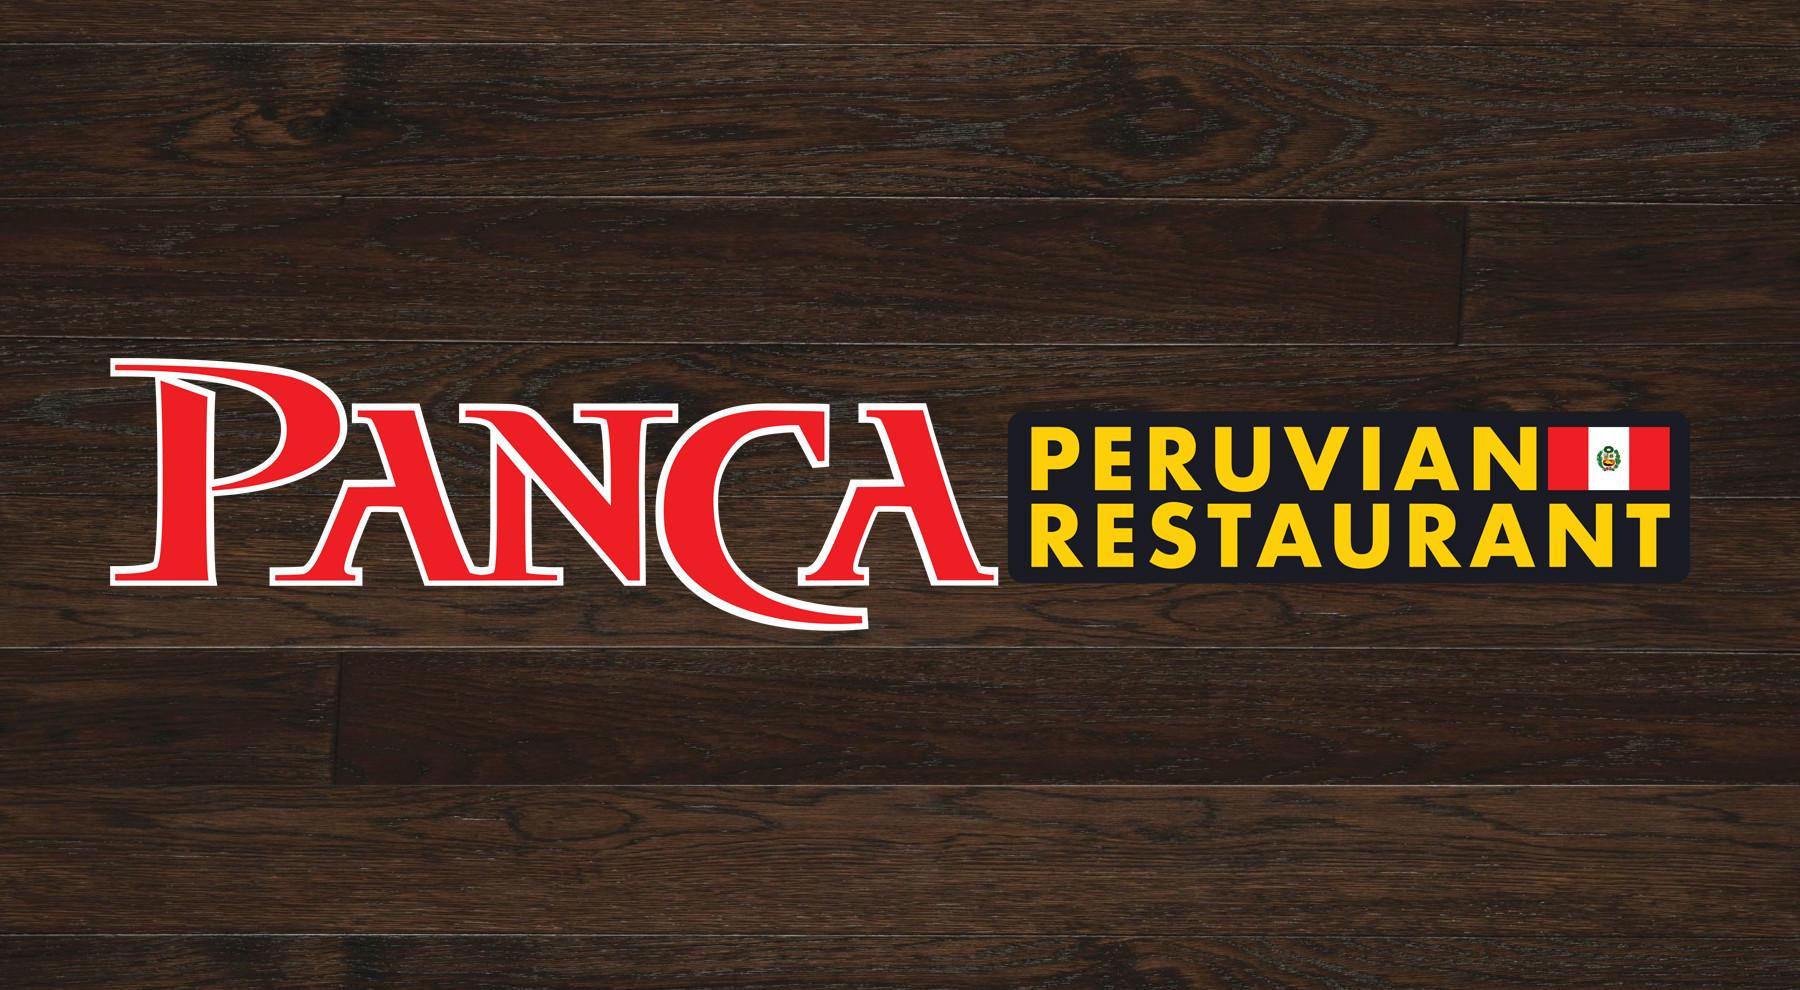 Panca_Logo_01.jpg